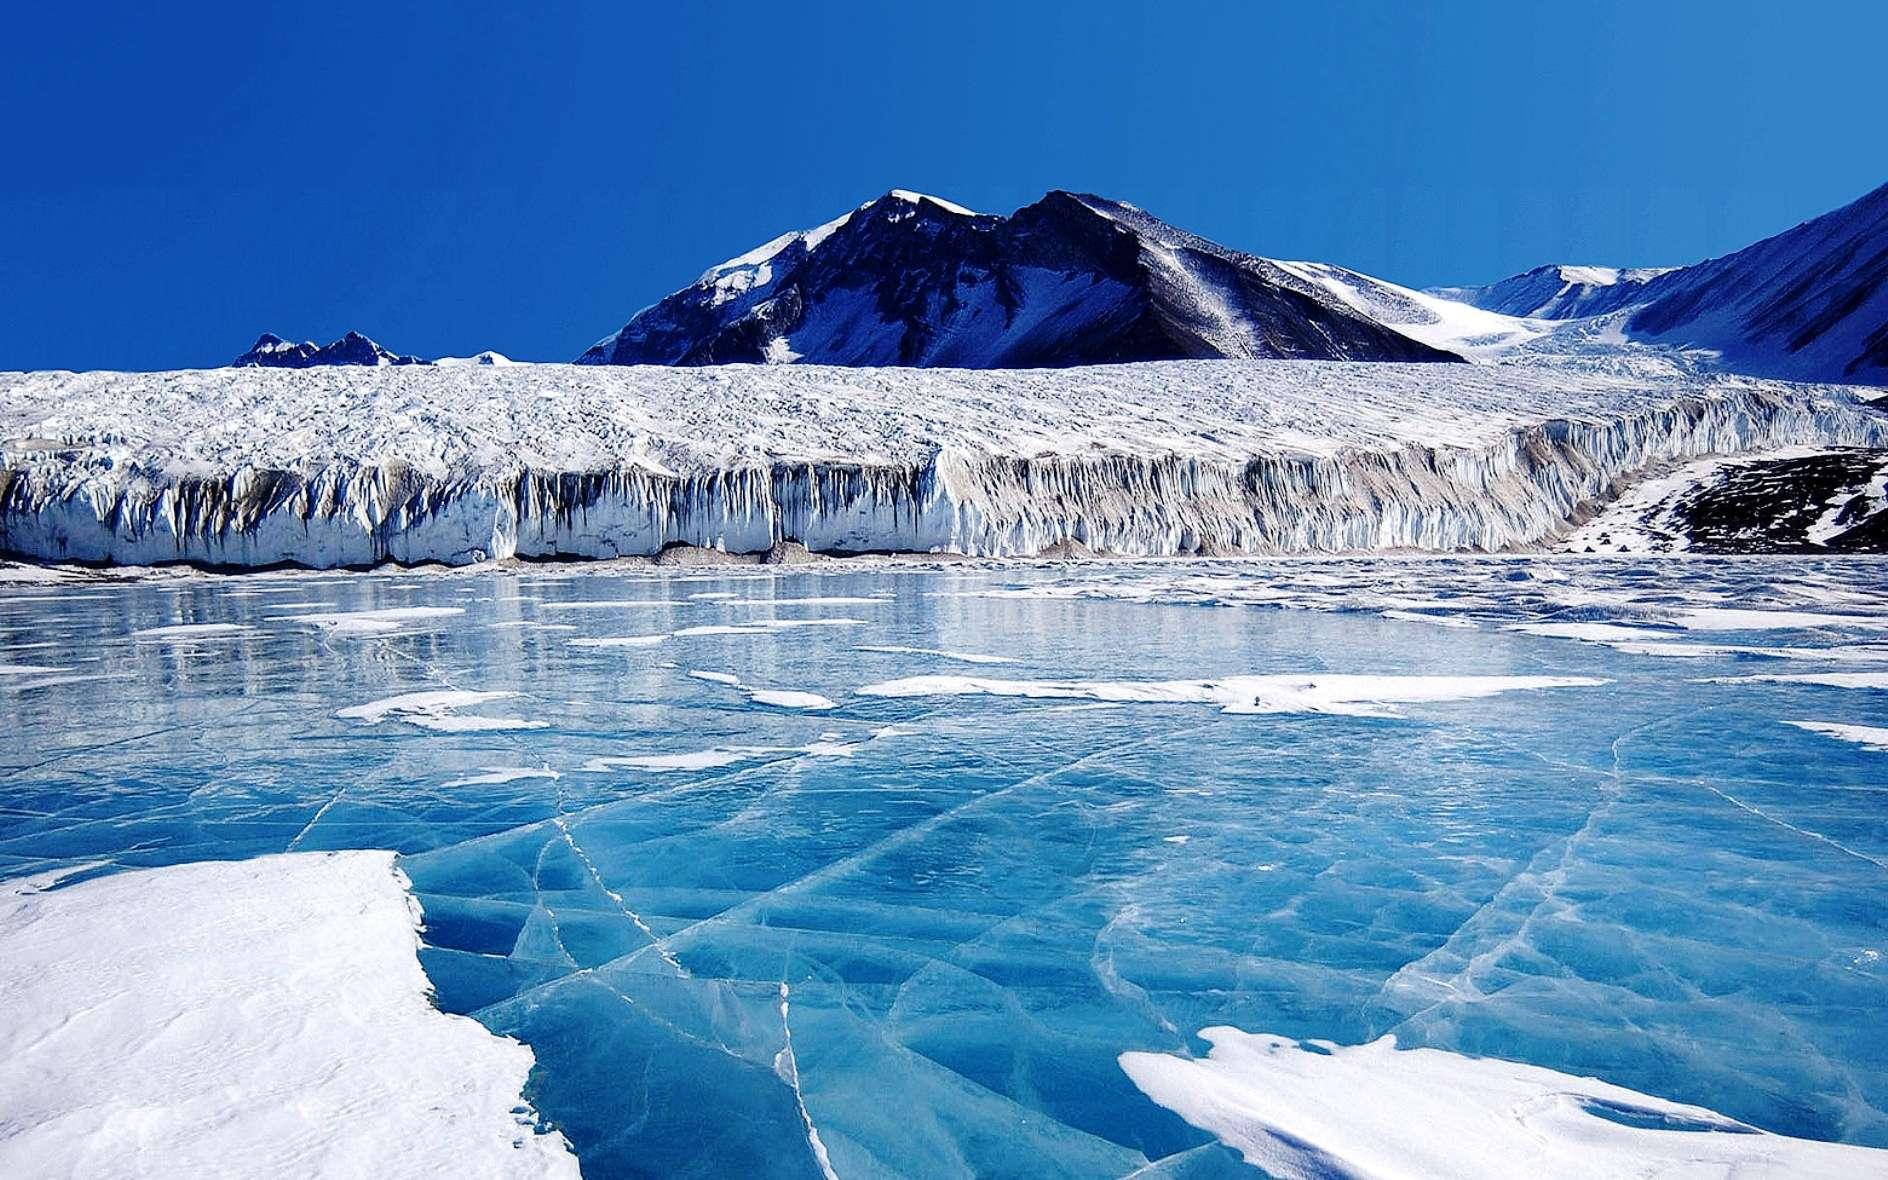 L'activité tectonique serait bien à l'origine du refroidissement de la Terre. La glace bleue couvrant le Lac Fryxell (ici en photo), en Antarctique, vient des eaux de fonte du glacier Canada et d'autres glaciers plus petits. L'eau douce se trouve en surface du lac et gèle, scellant une eau saumâtre située en dessous. L'existence de ces glaciers devrait beaucoup à la collision de l'Inde avec l'Eurasie. © Wikipédia, DP